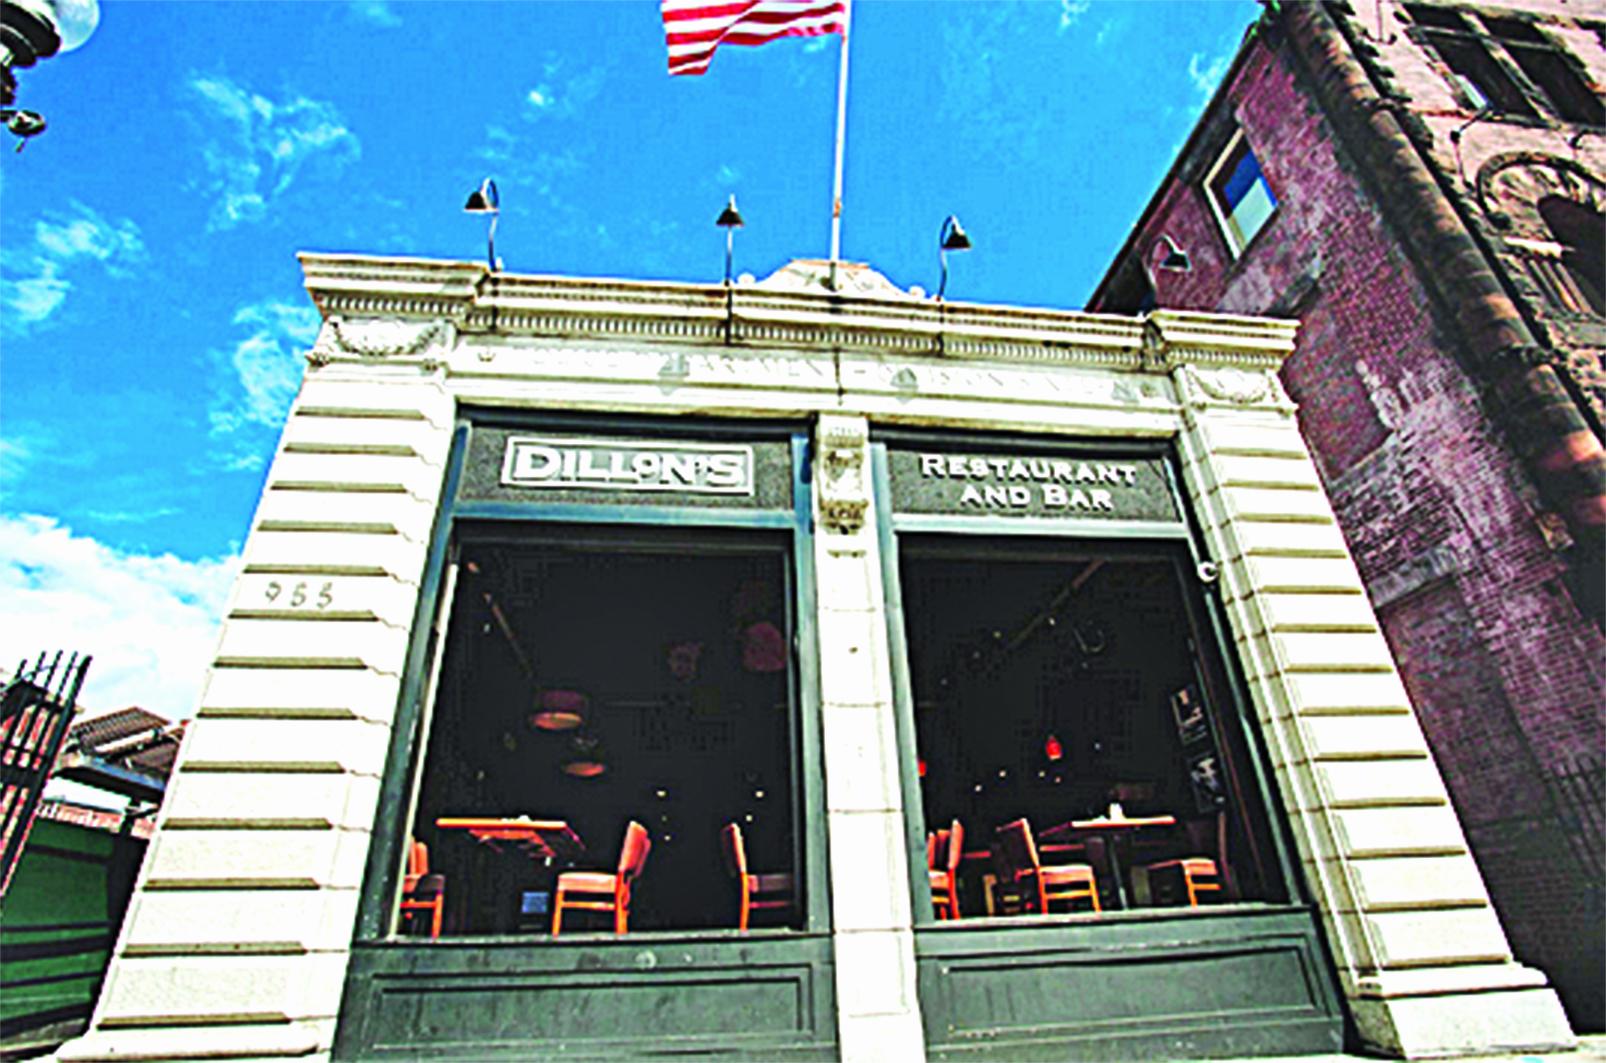 Dillon's Restaurant and Ba